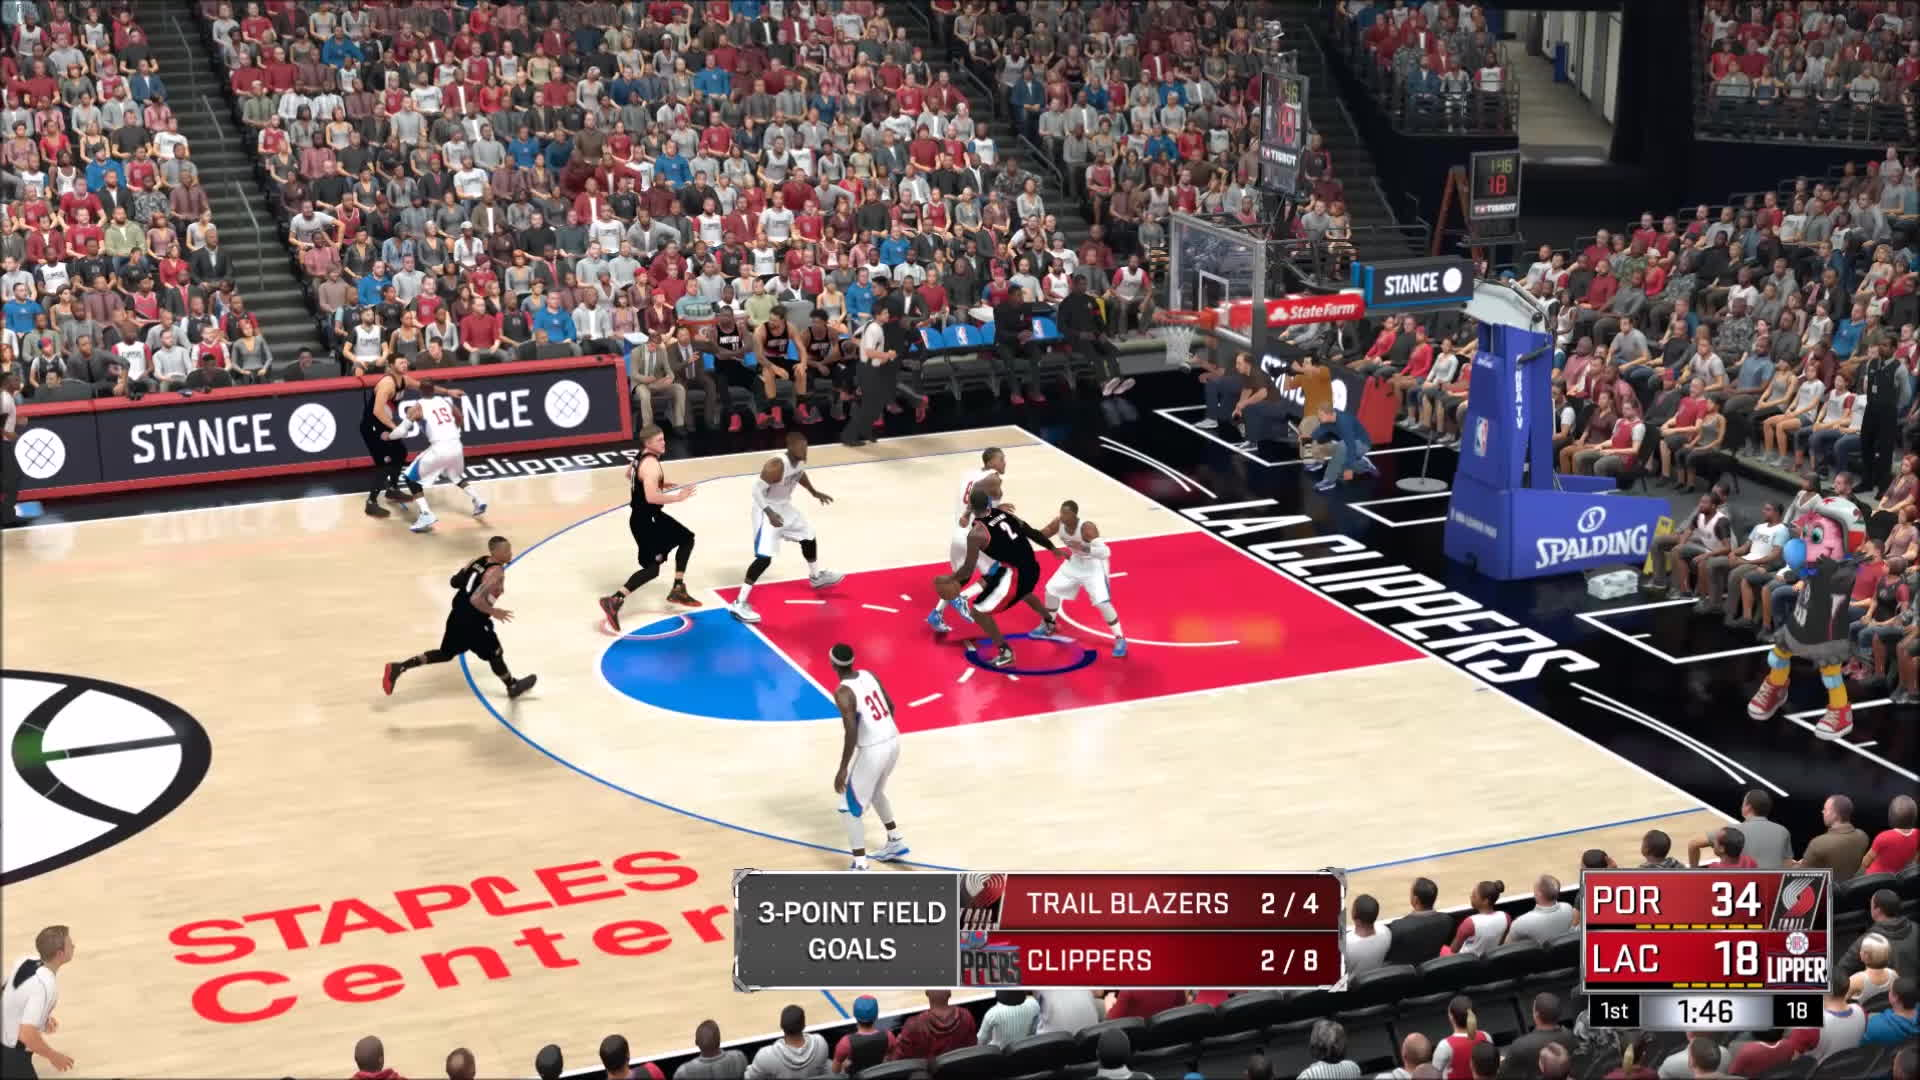 nba2k, NBA 2k17 GIFs